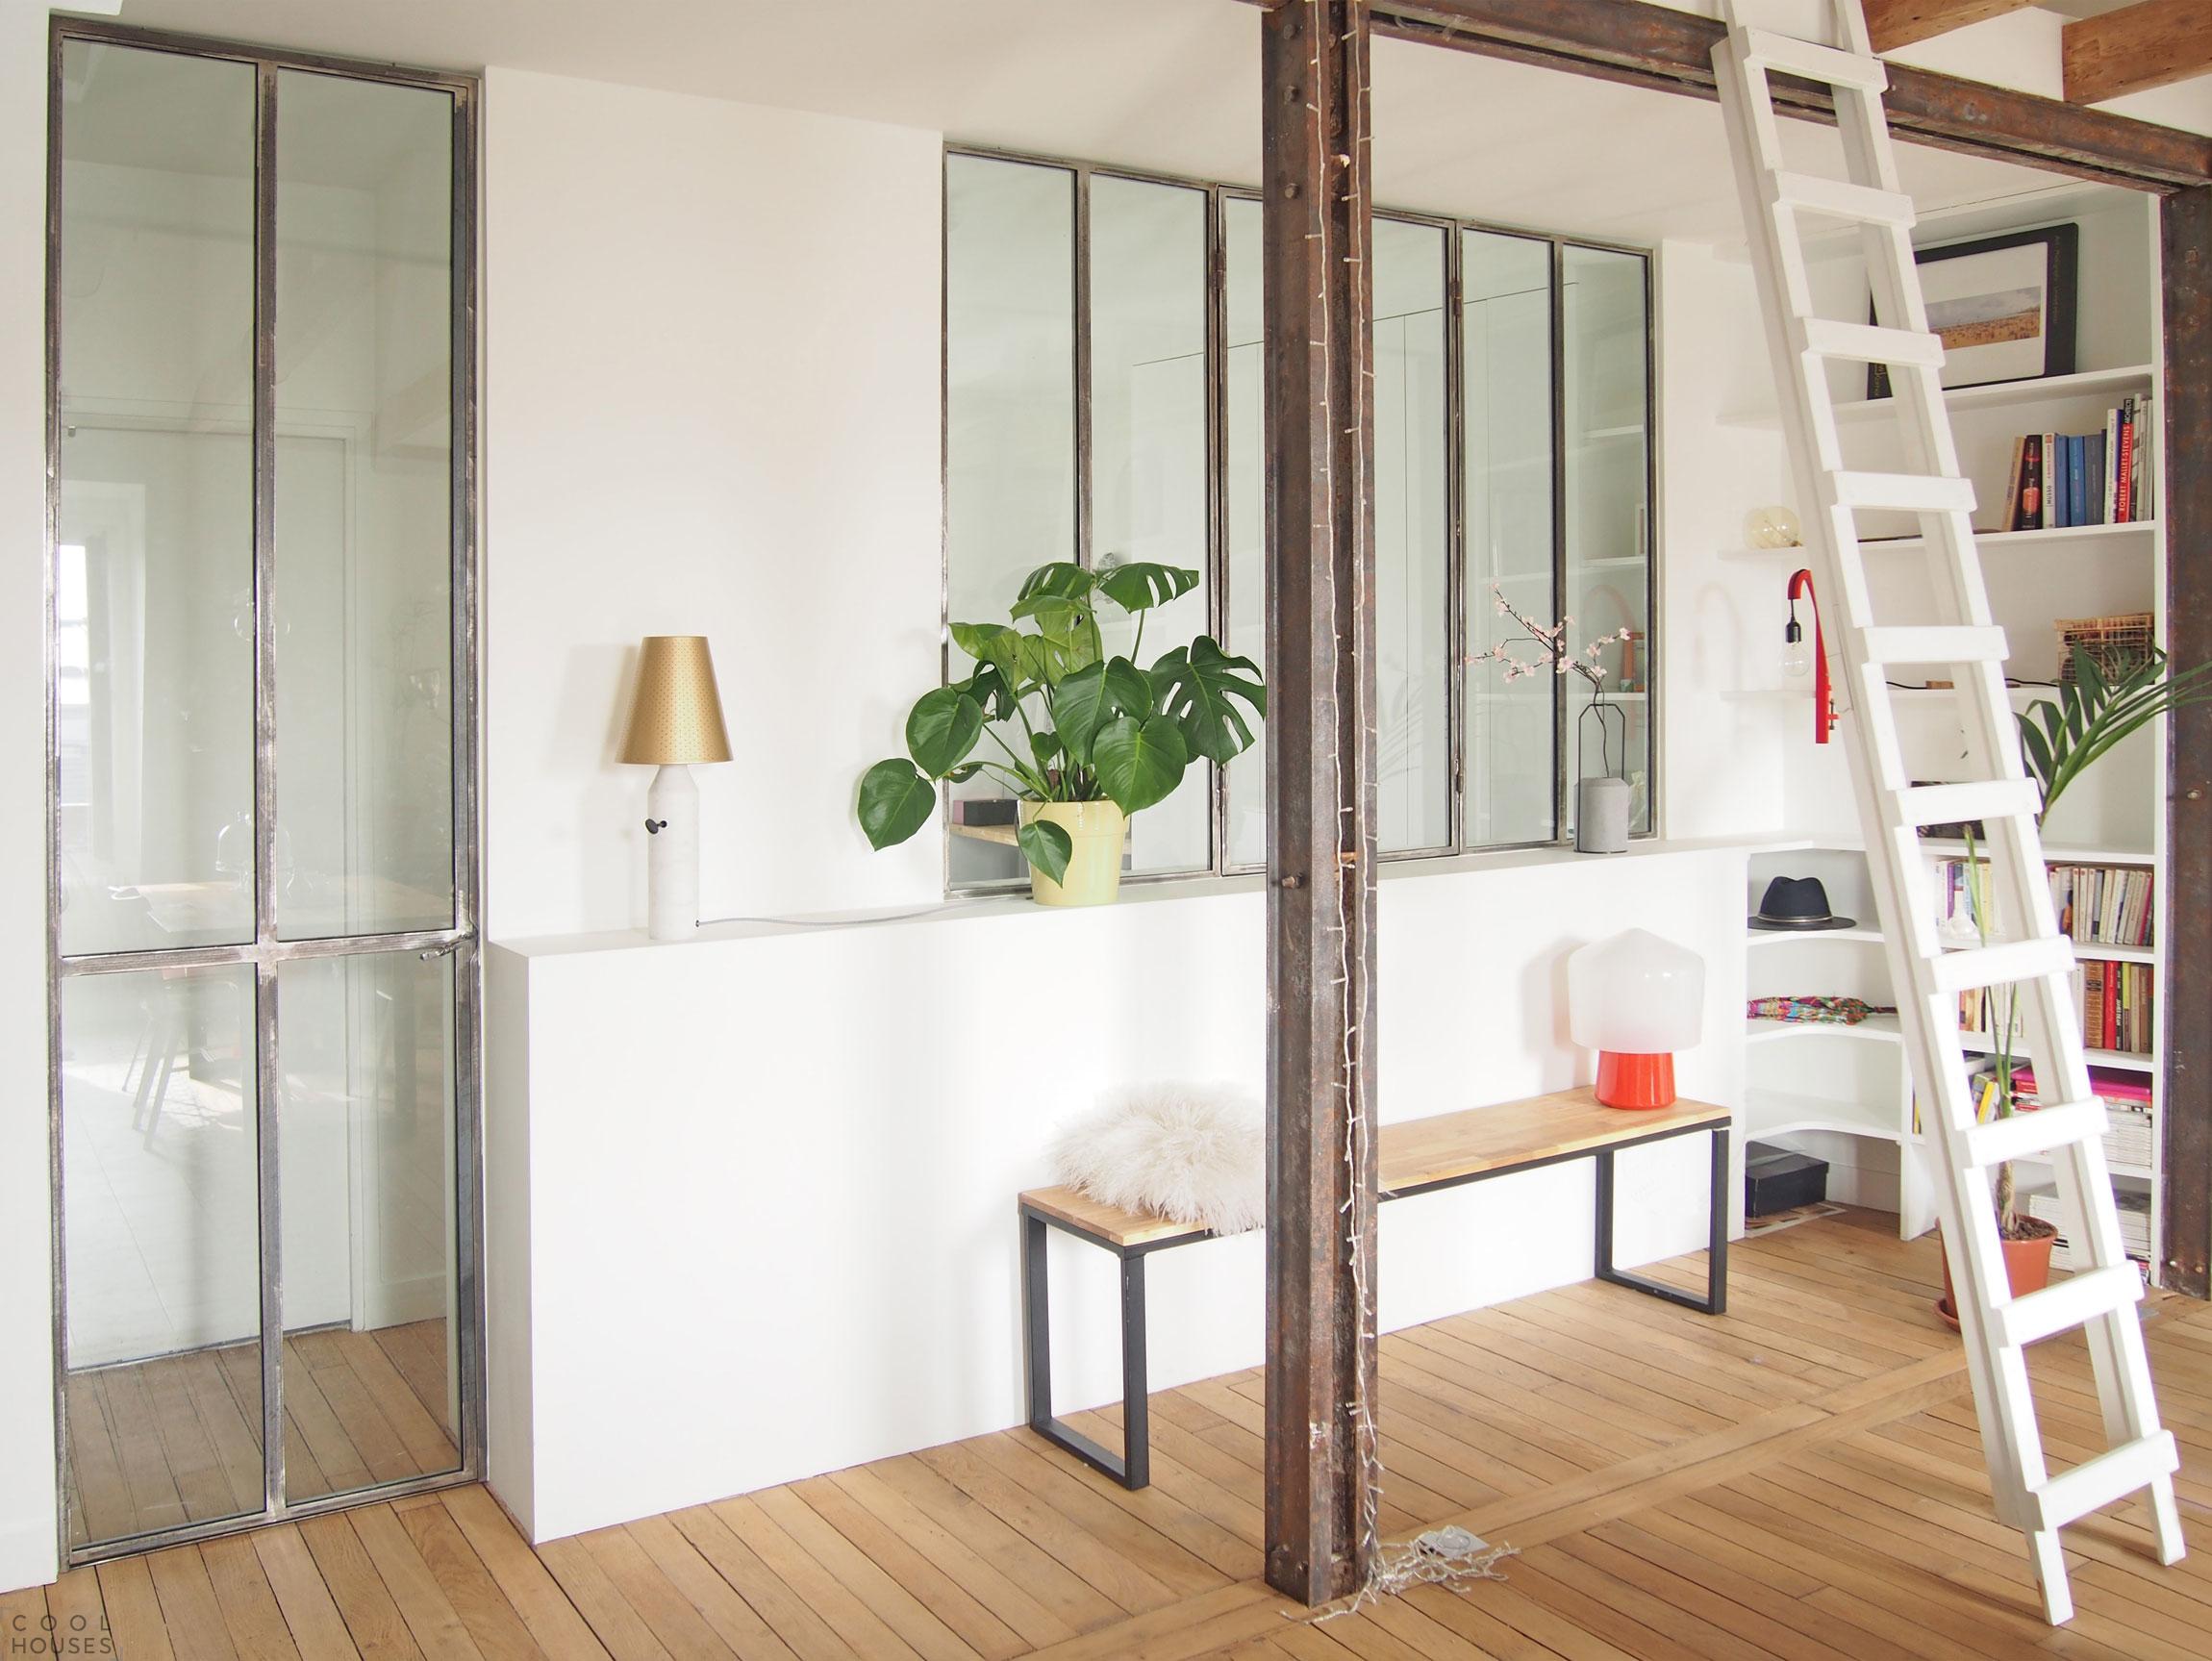 Современная квартира на месте чердачного помещения в столице Франции